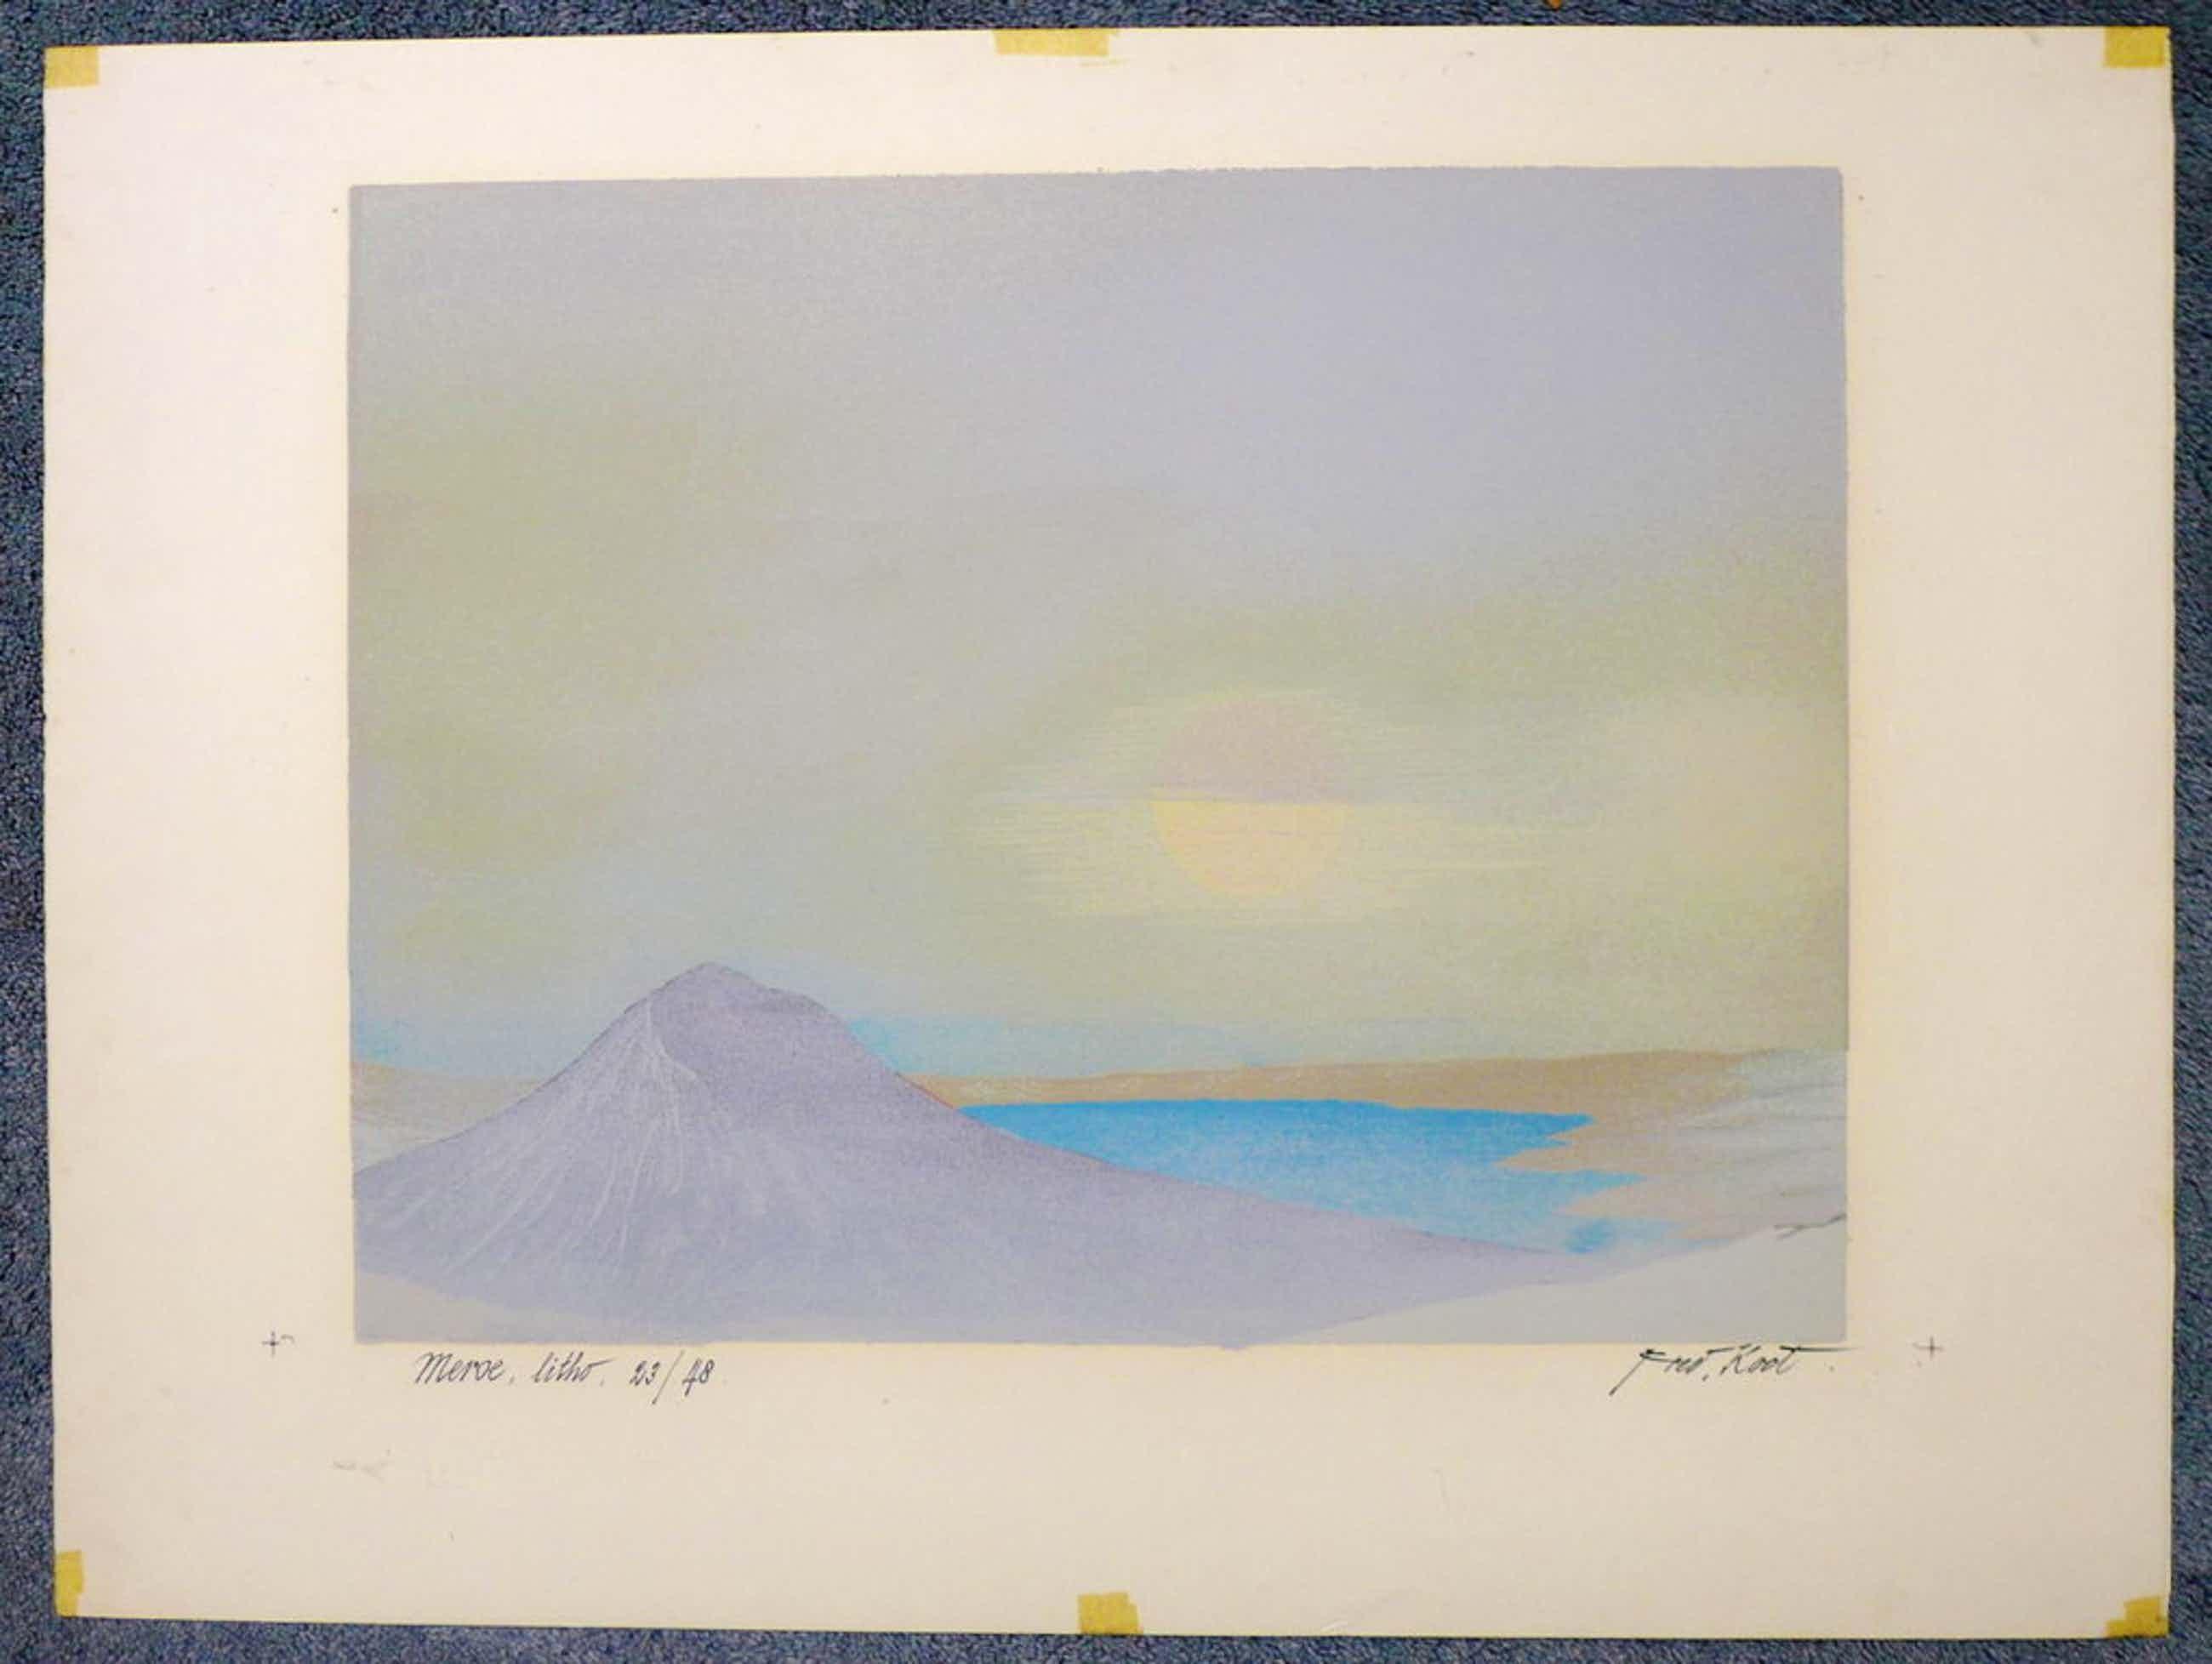 Fred Koot, litho, titel: Meroe, oplagenummer 23/48 beeldformaat 35 x 44.7 cm.  kopen? Bied vanaf 50!